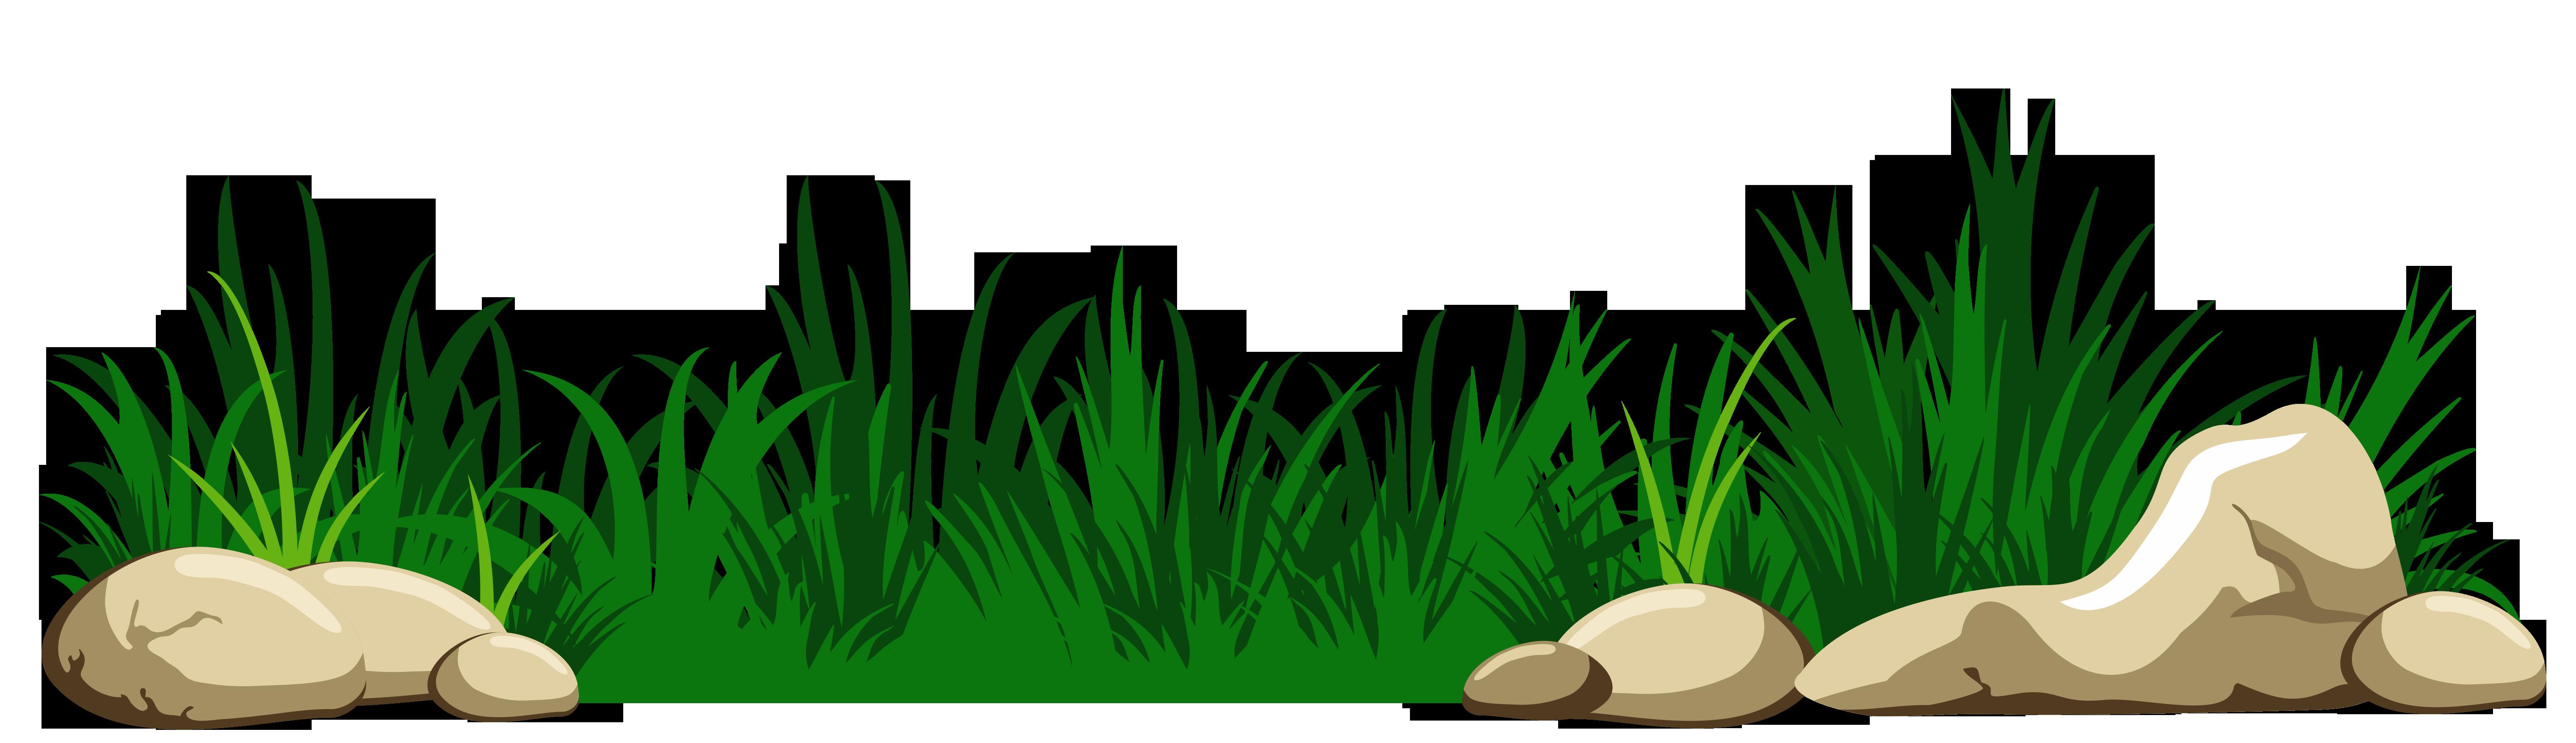 Green Grass Clipart. Download Fullsize-Green Grass Clipart. Download Fullsize-14